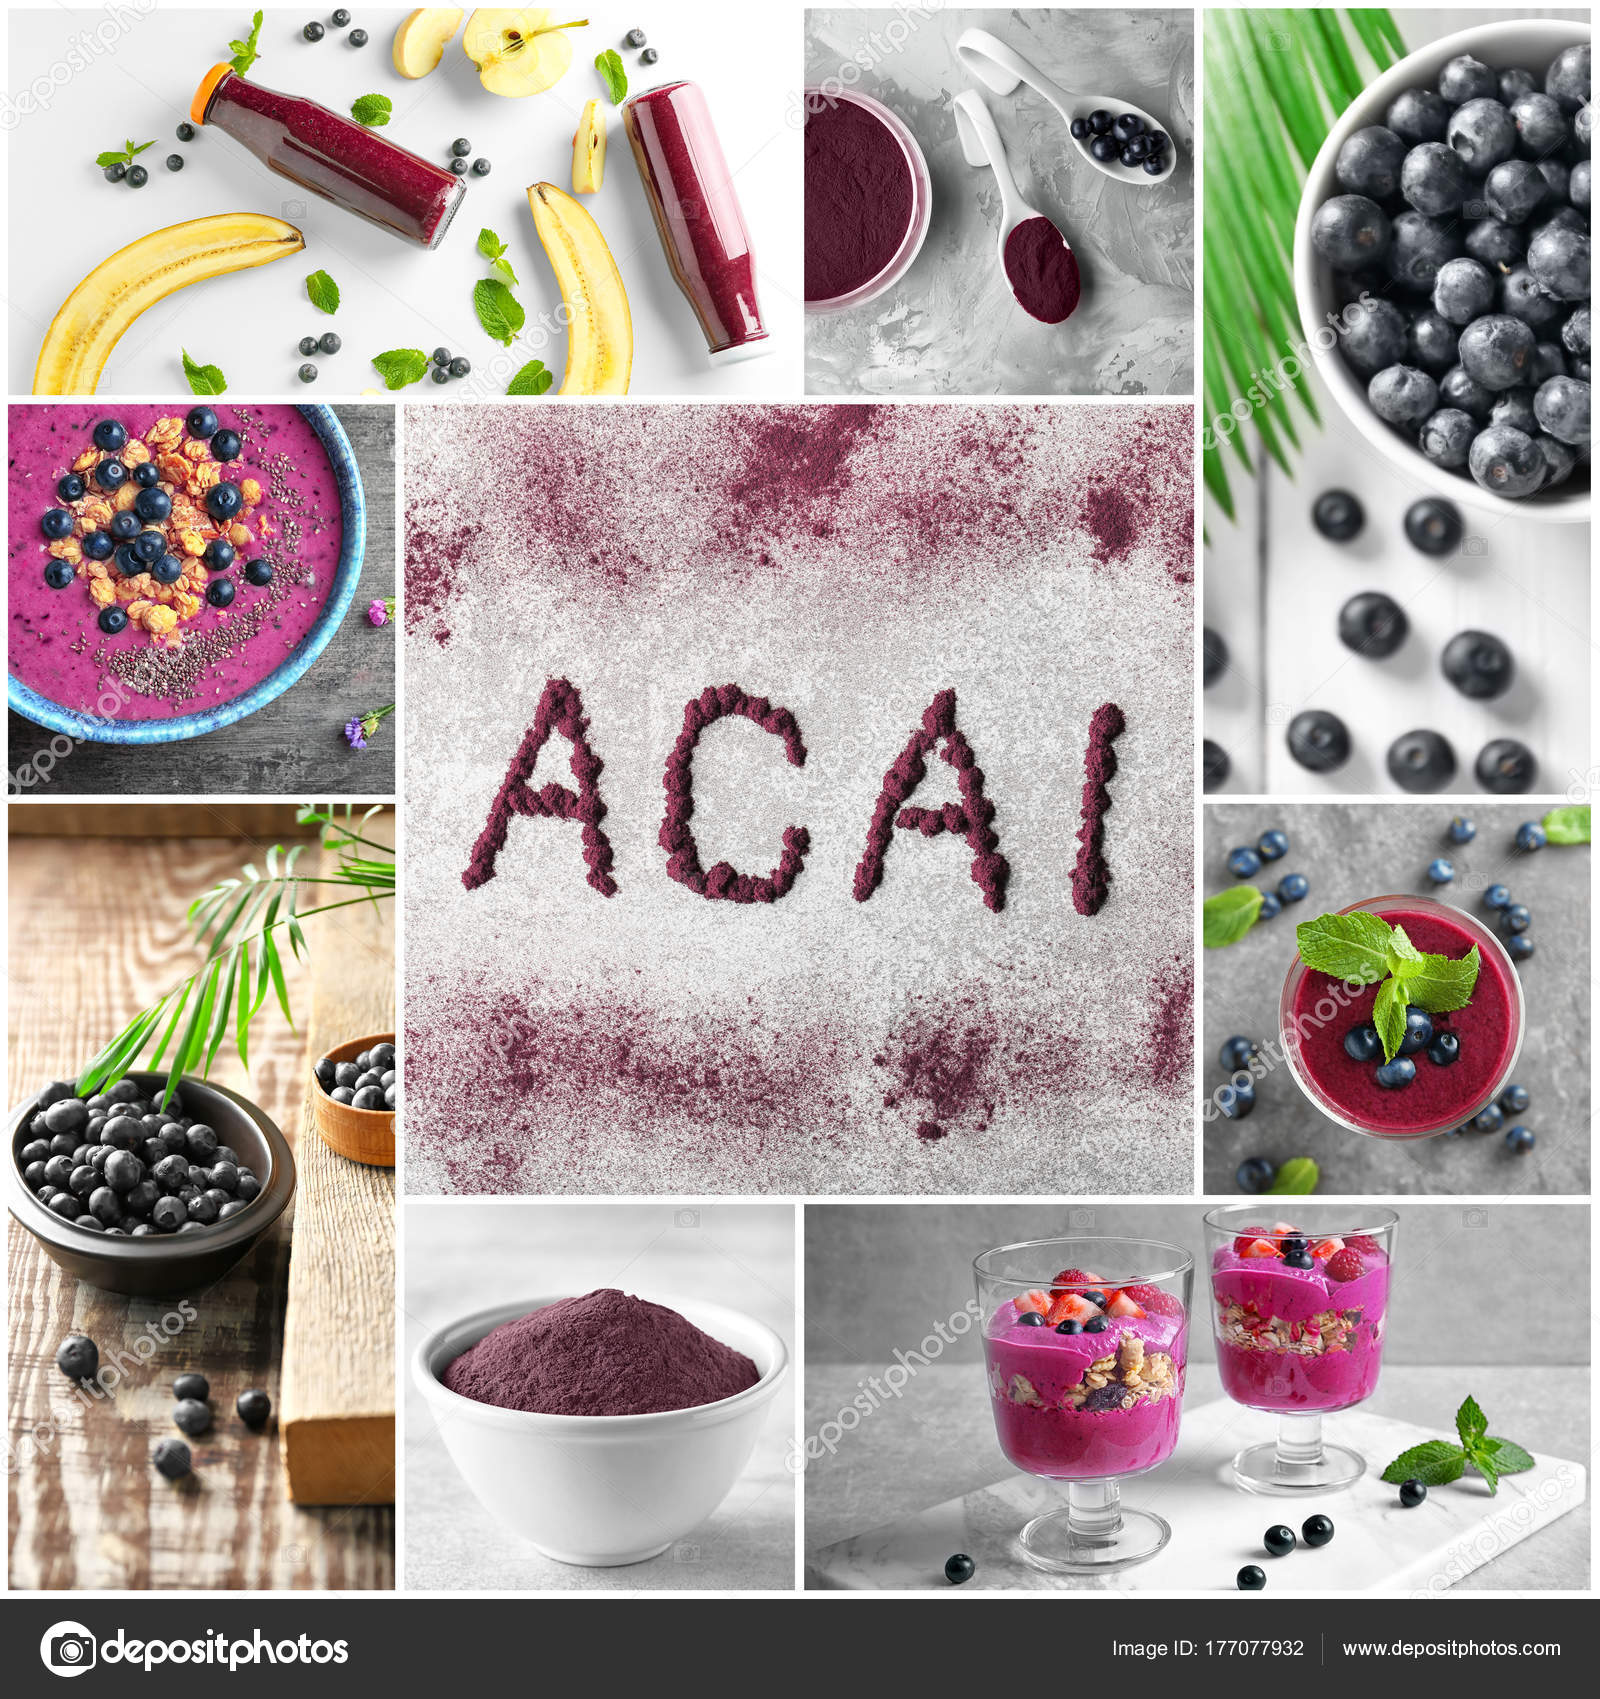 Bemerkenswert Collage Ideen Beste Wahl Aus Verschiedenen Für Rezepte Mit Acai Beeren